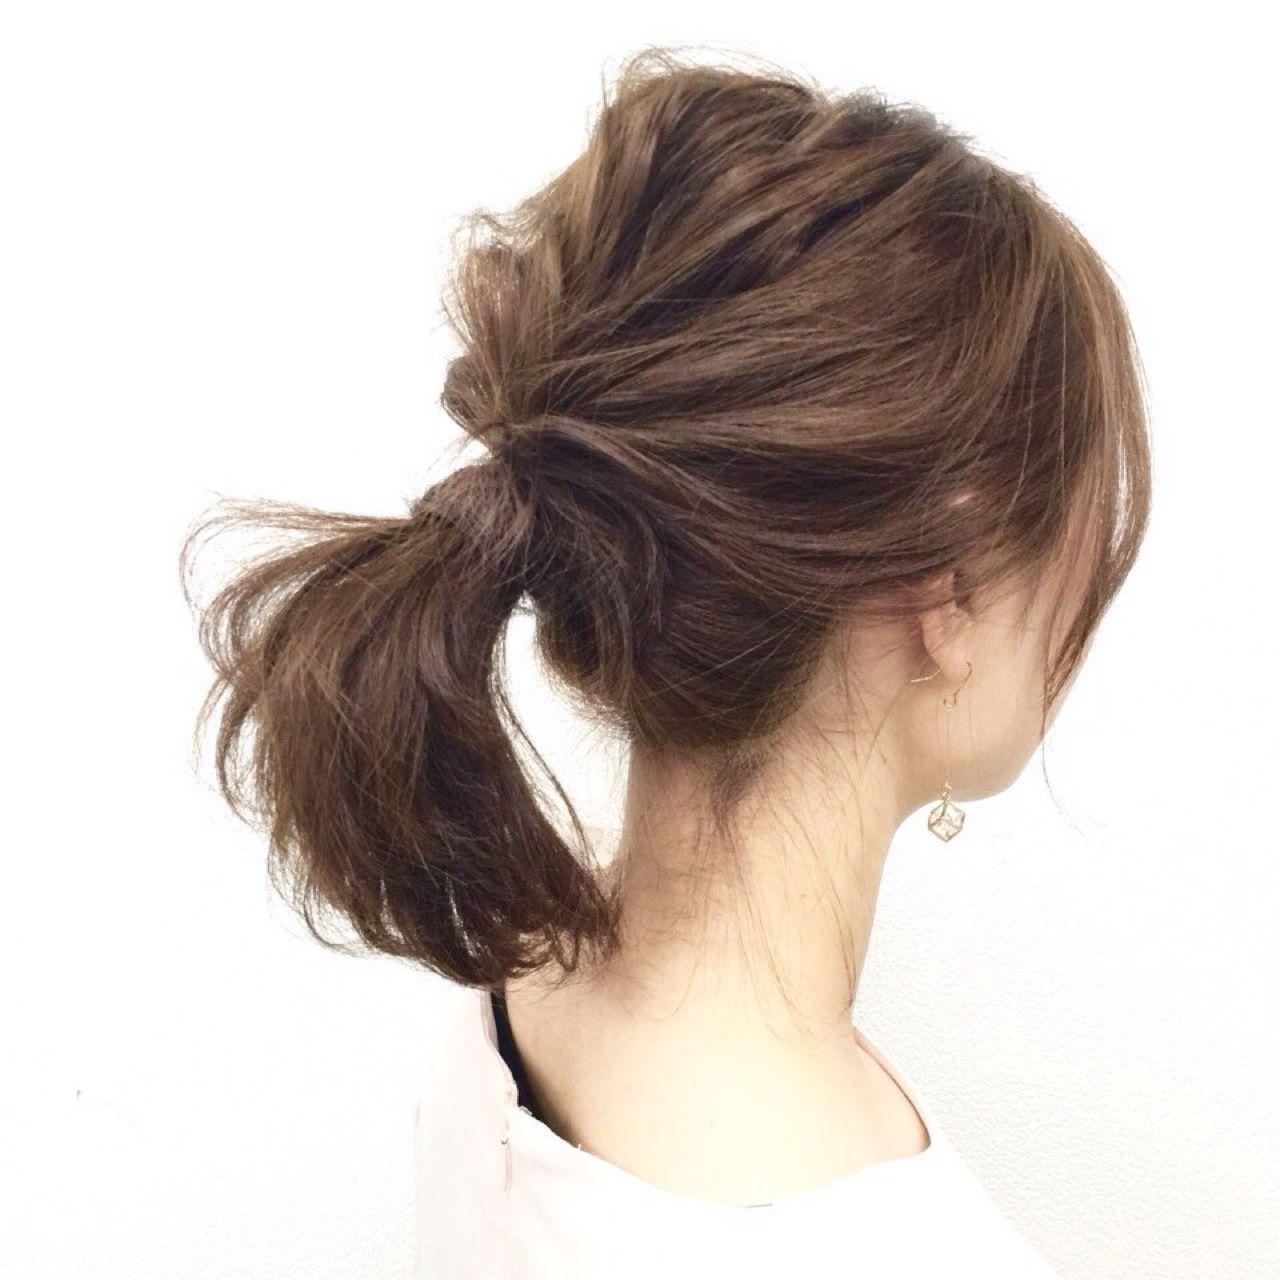 愛され ヘアアレンジ ポニーテール コンサバヘアスタイルや髪型の写真・画像